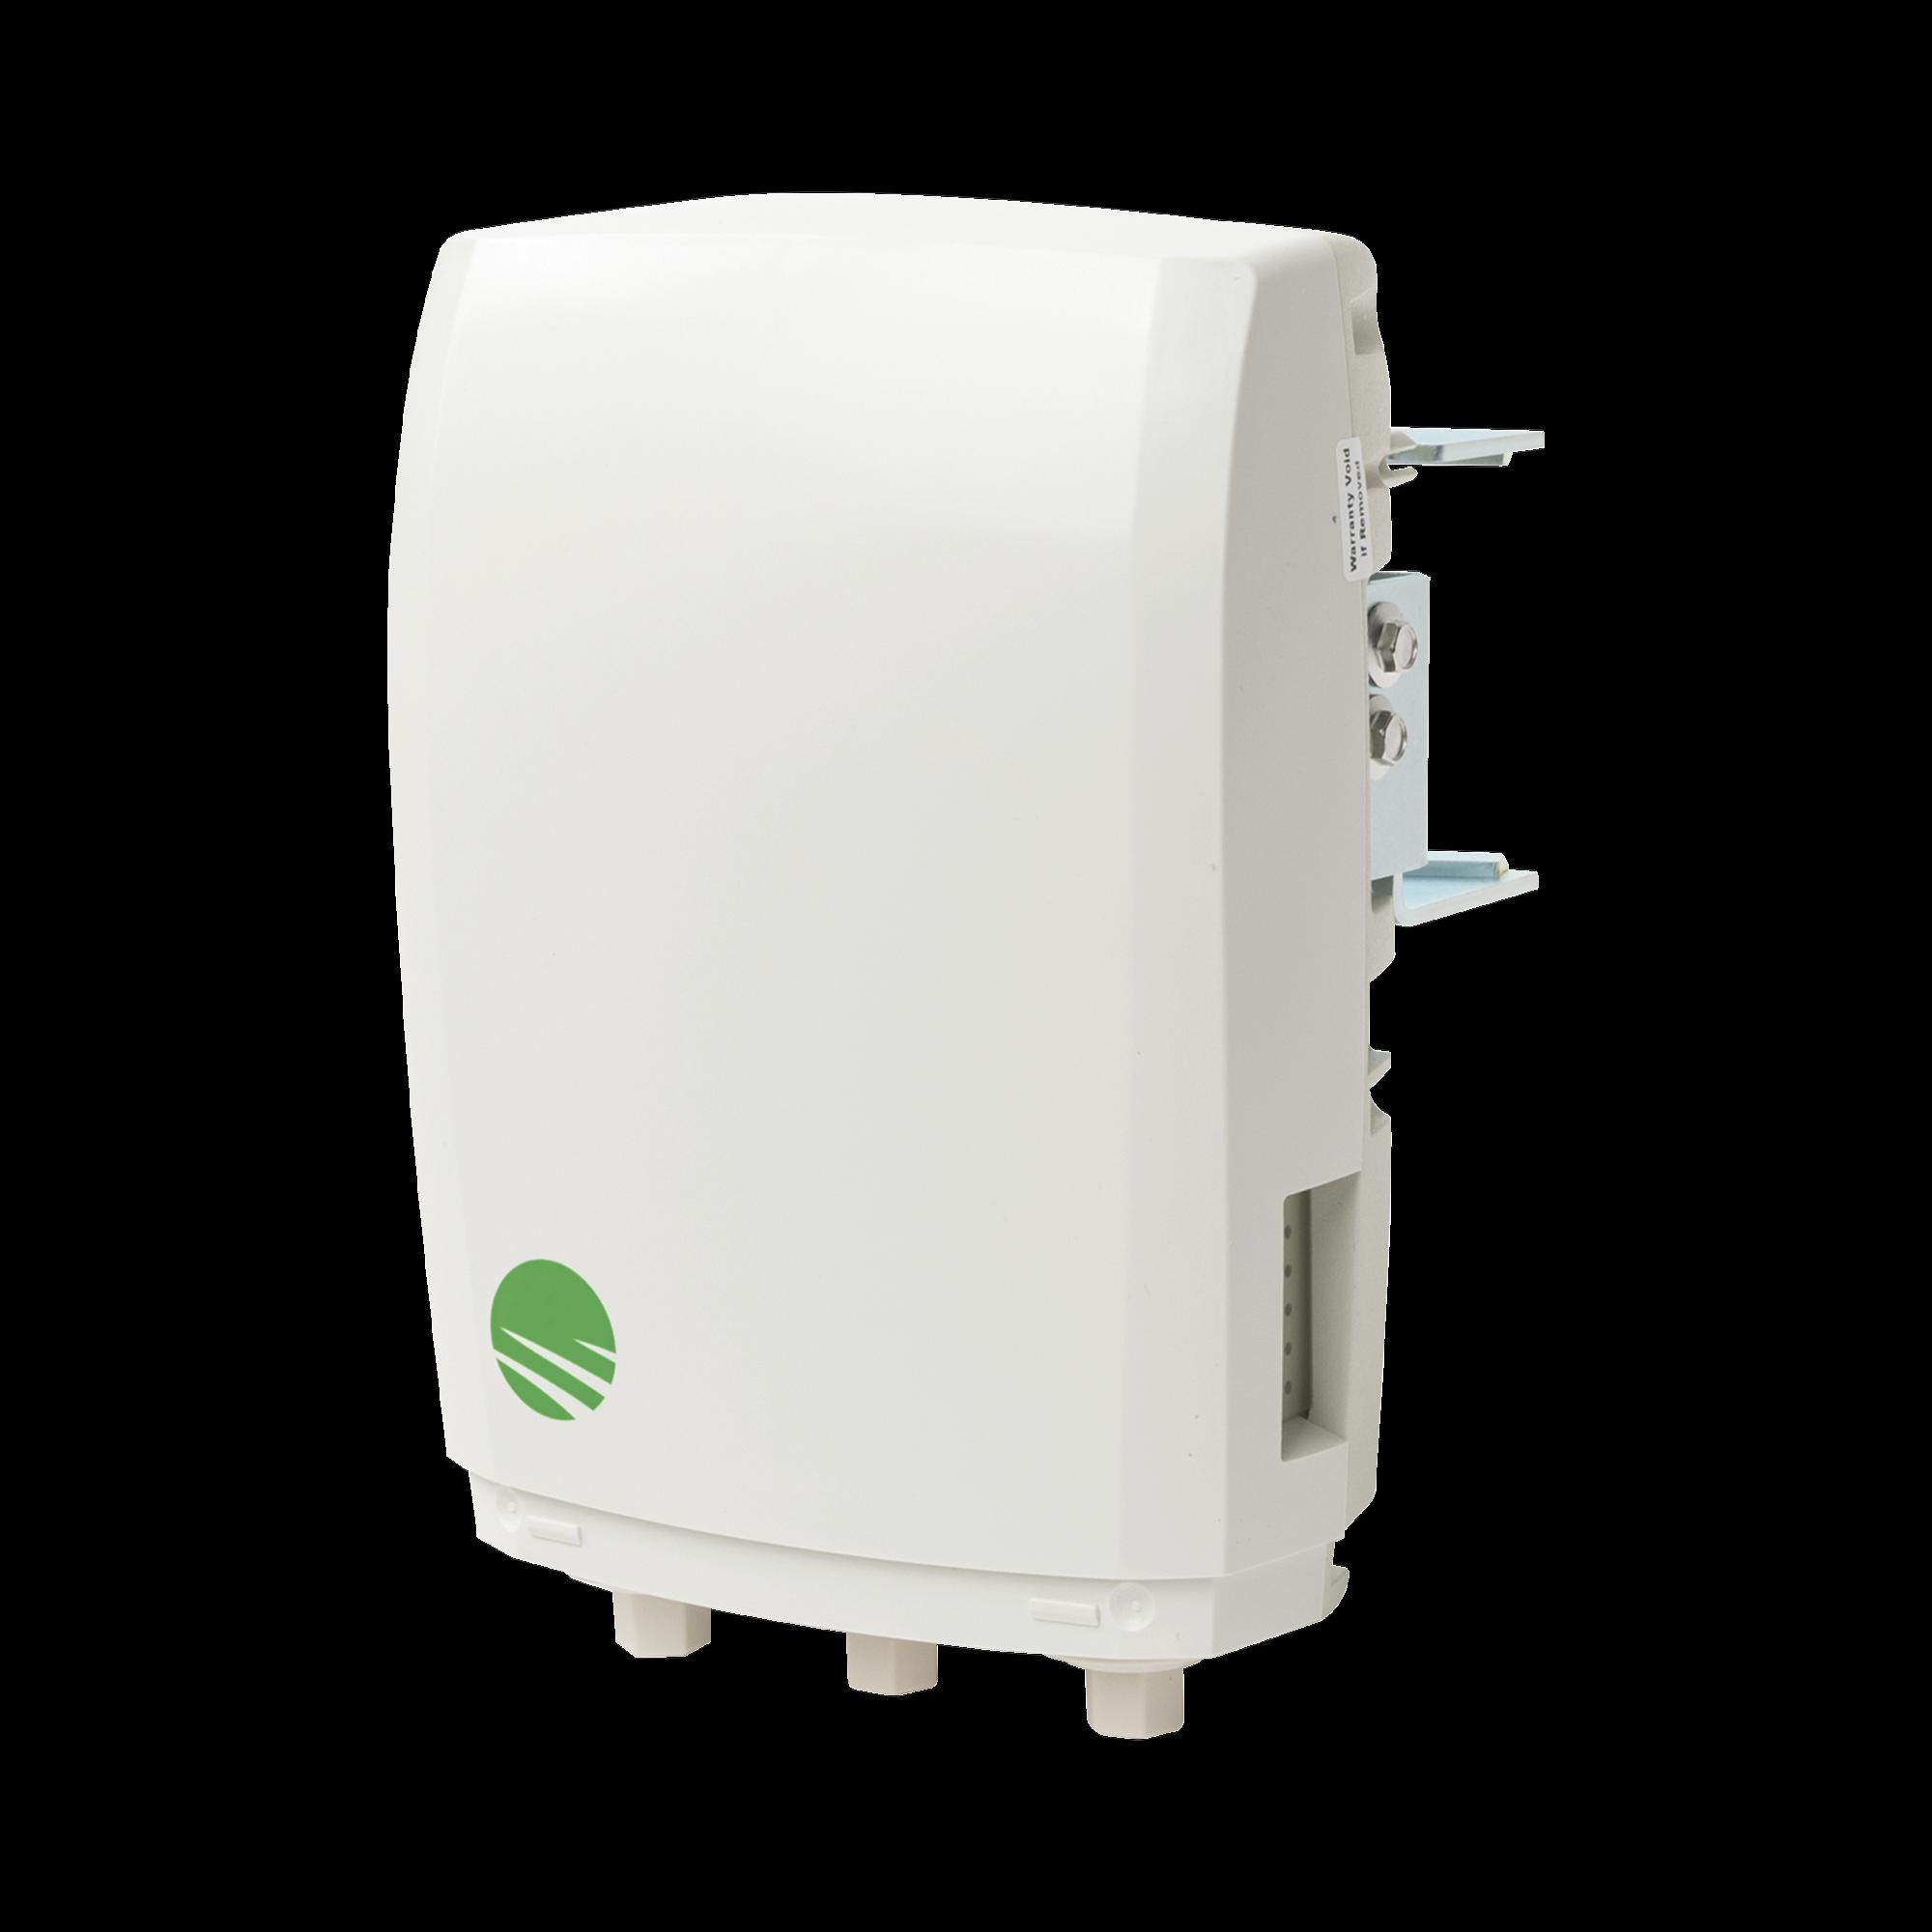 Unidad Base Multihaul BU?, Apertura 90?, 500 Mbps actualizable a 1800 Mbps, IP65